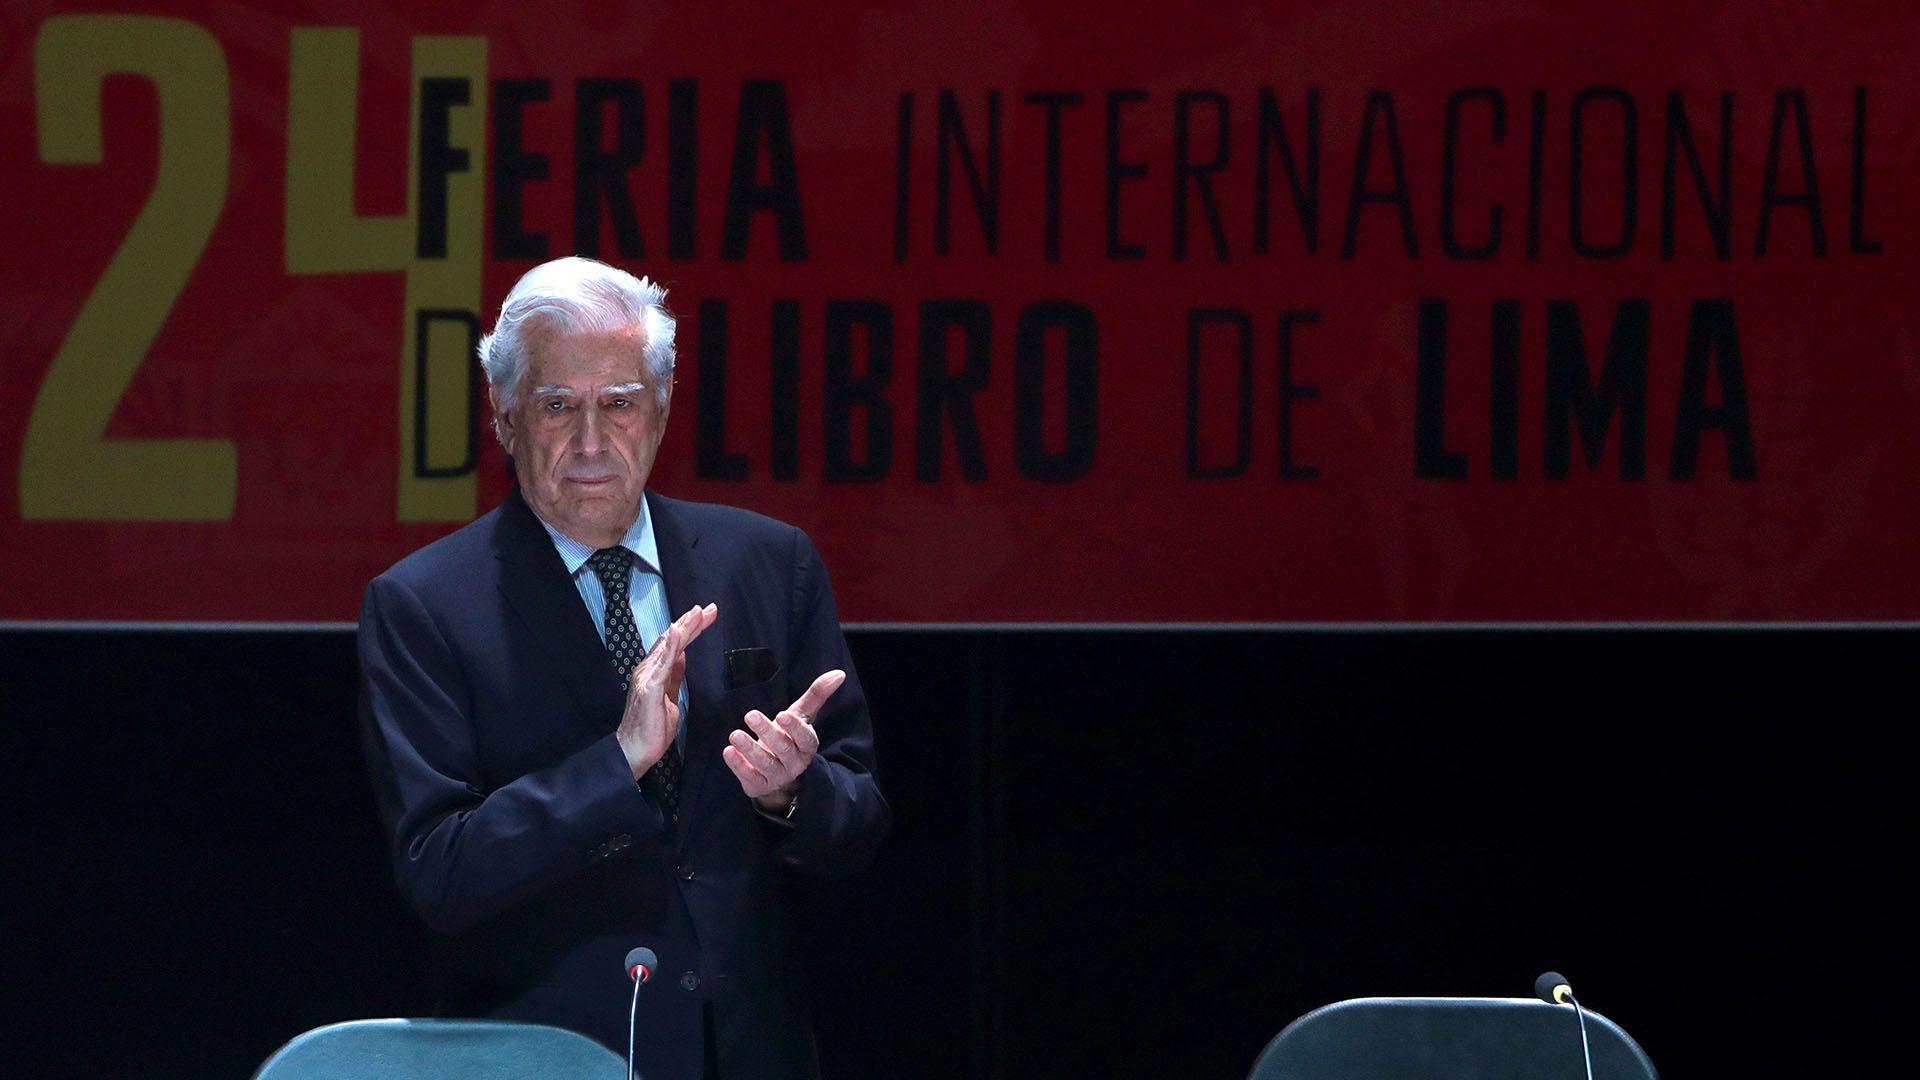 Mario Vargas Llosa, en la inauguración de la 24 Feria Internacional del Libro de Lima(EFE/ Ernesto Arias)